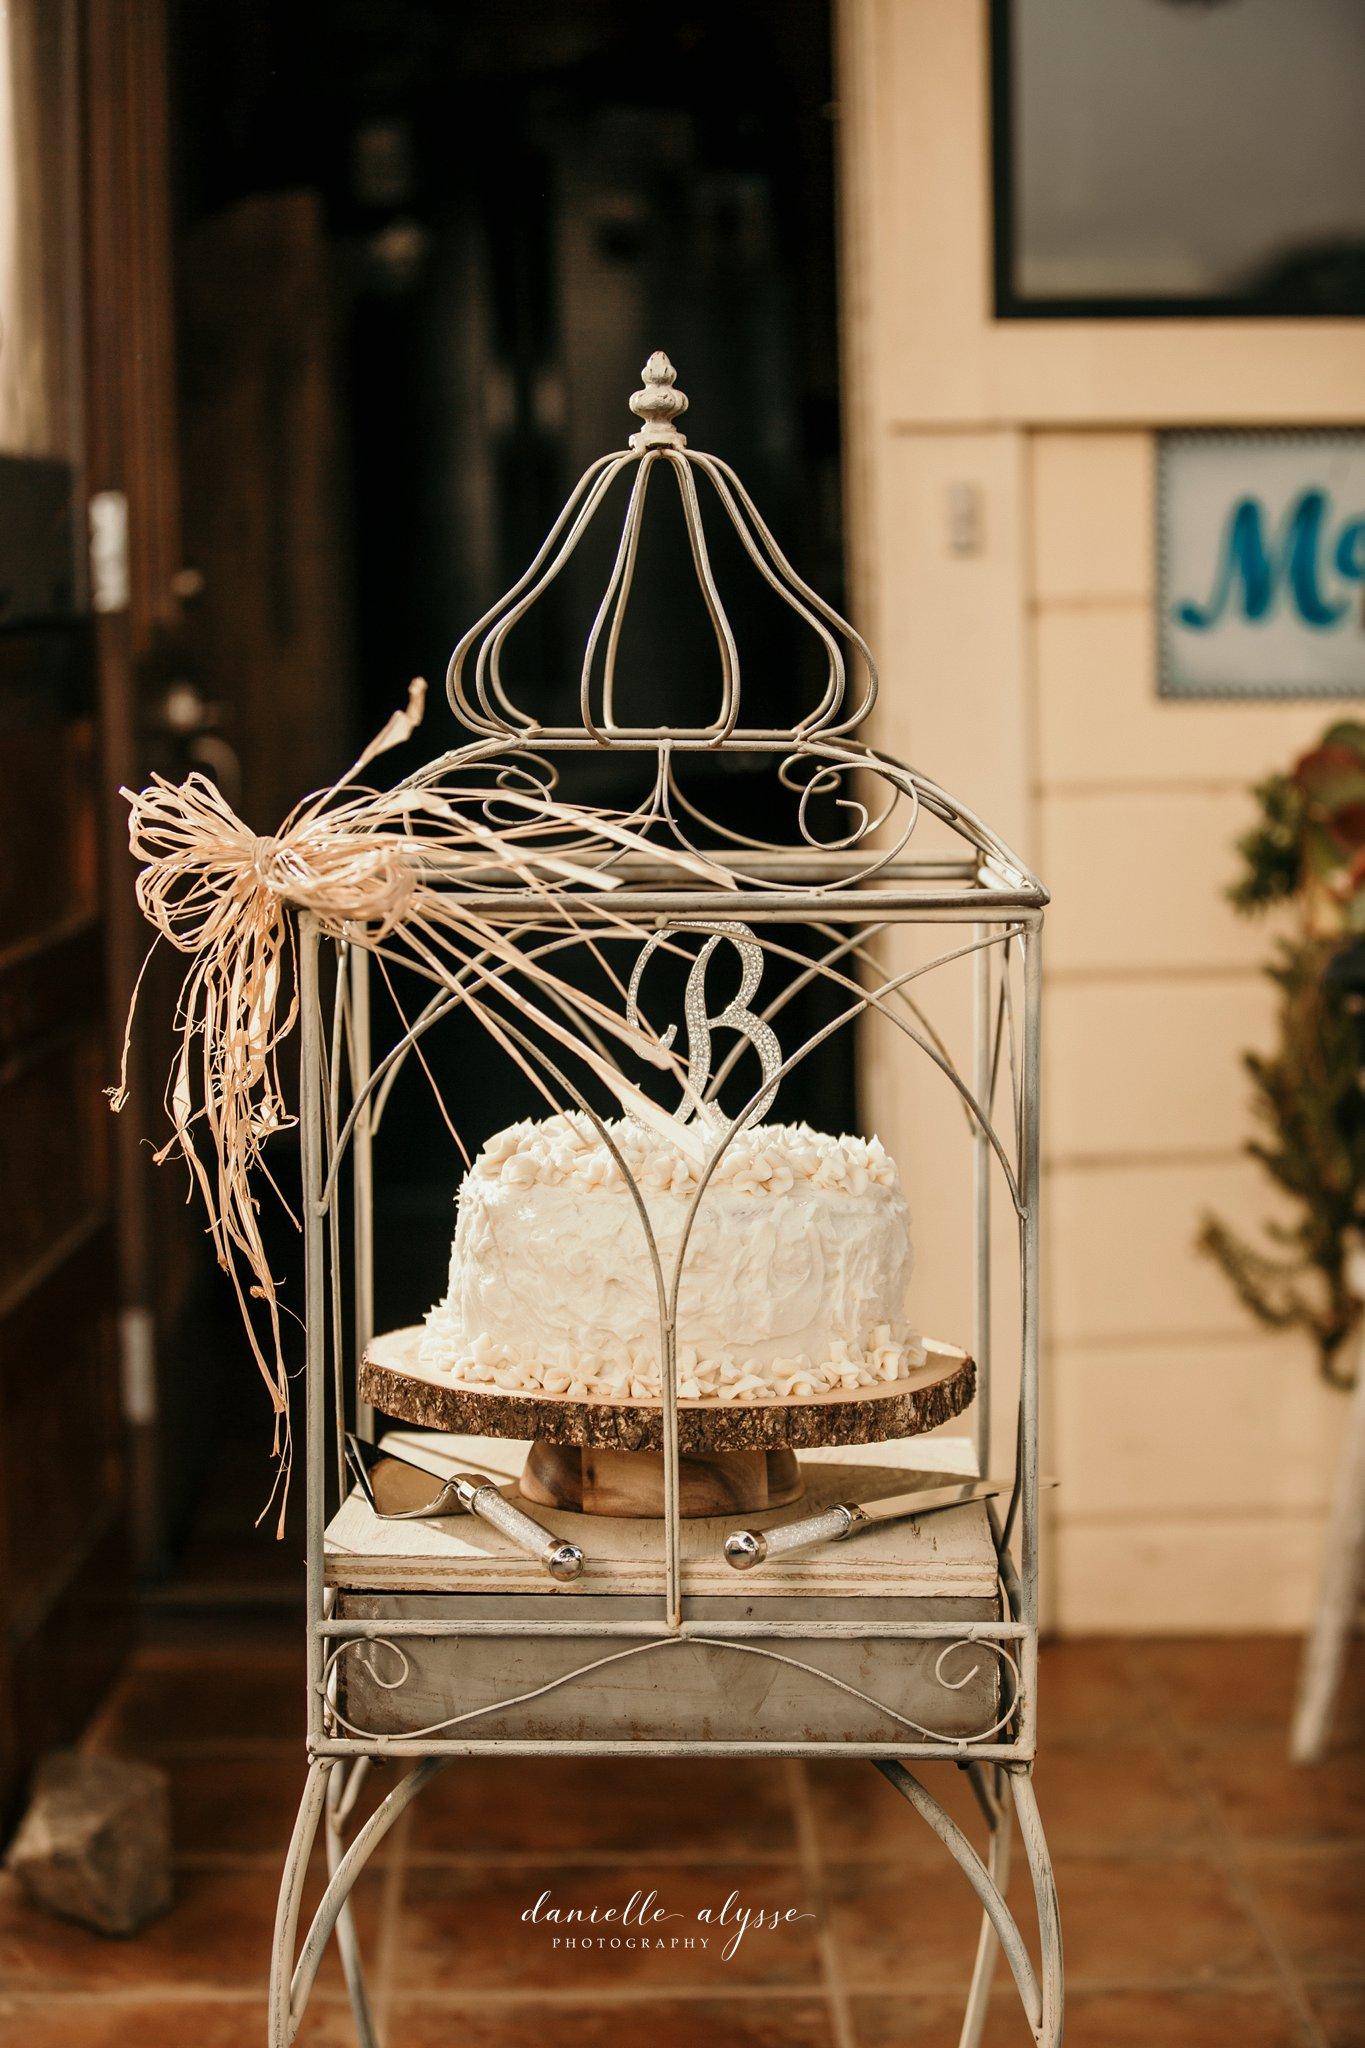 180630_wedding_lily_ryan_mission_soledad_california_danielle_alysse_photography_blog_973_WEB.jpg